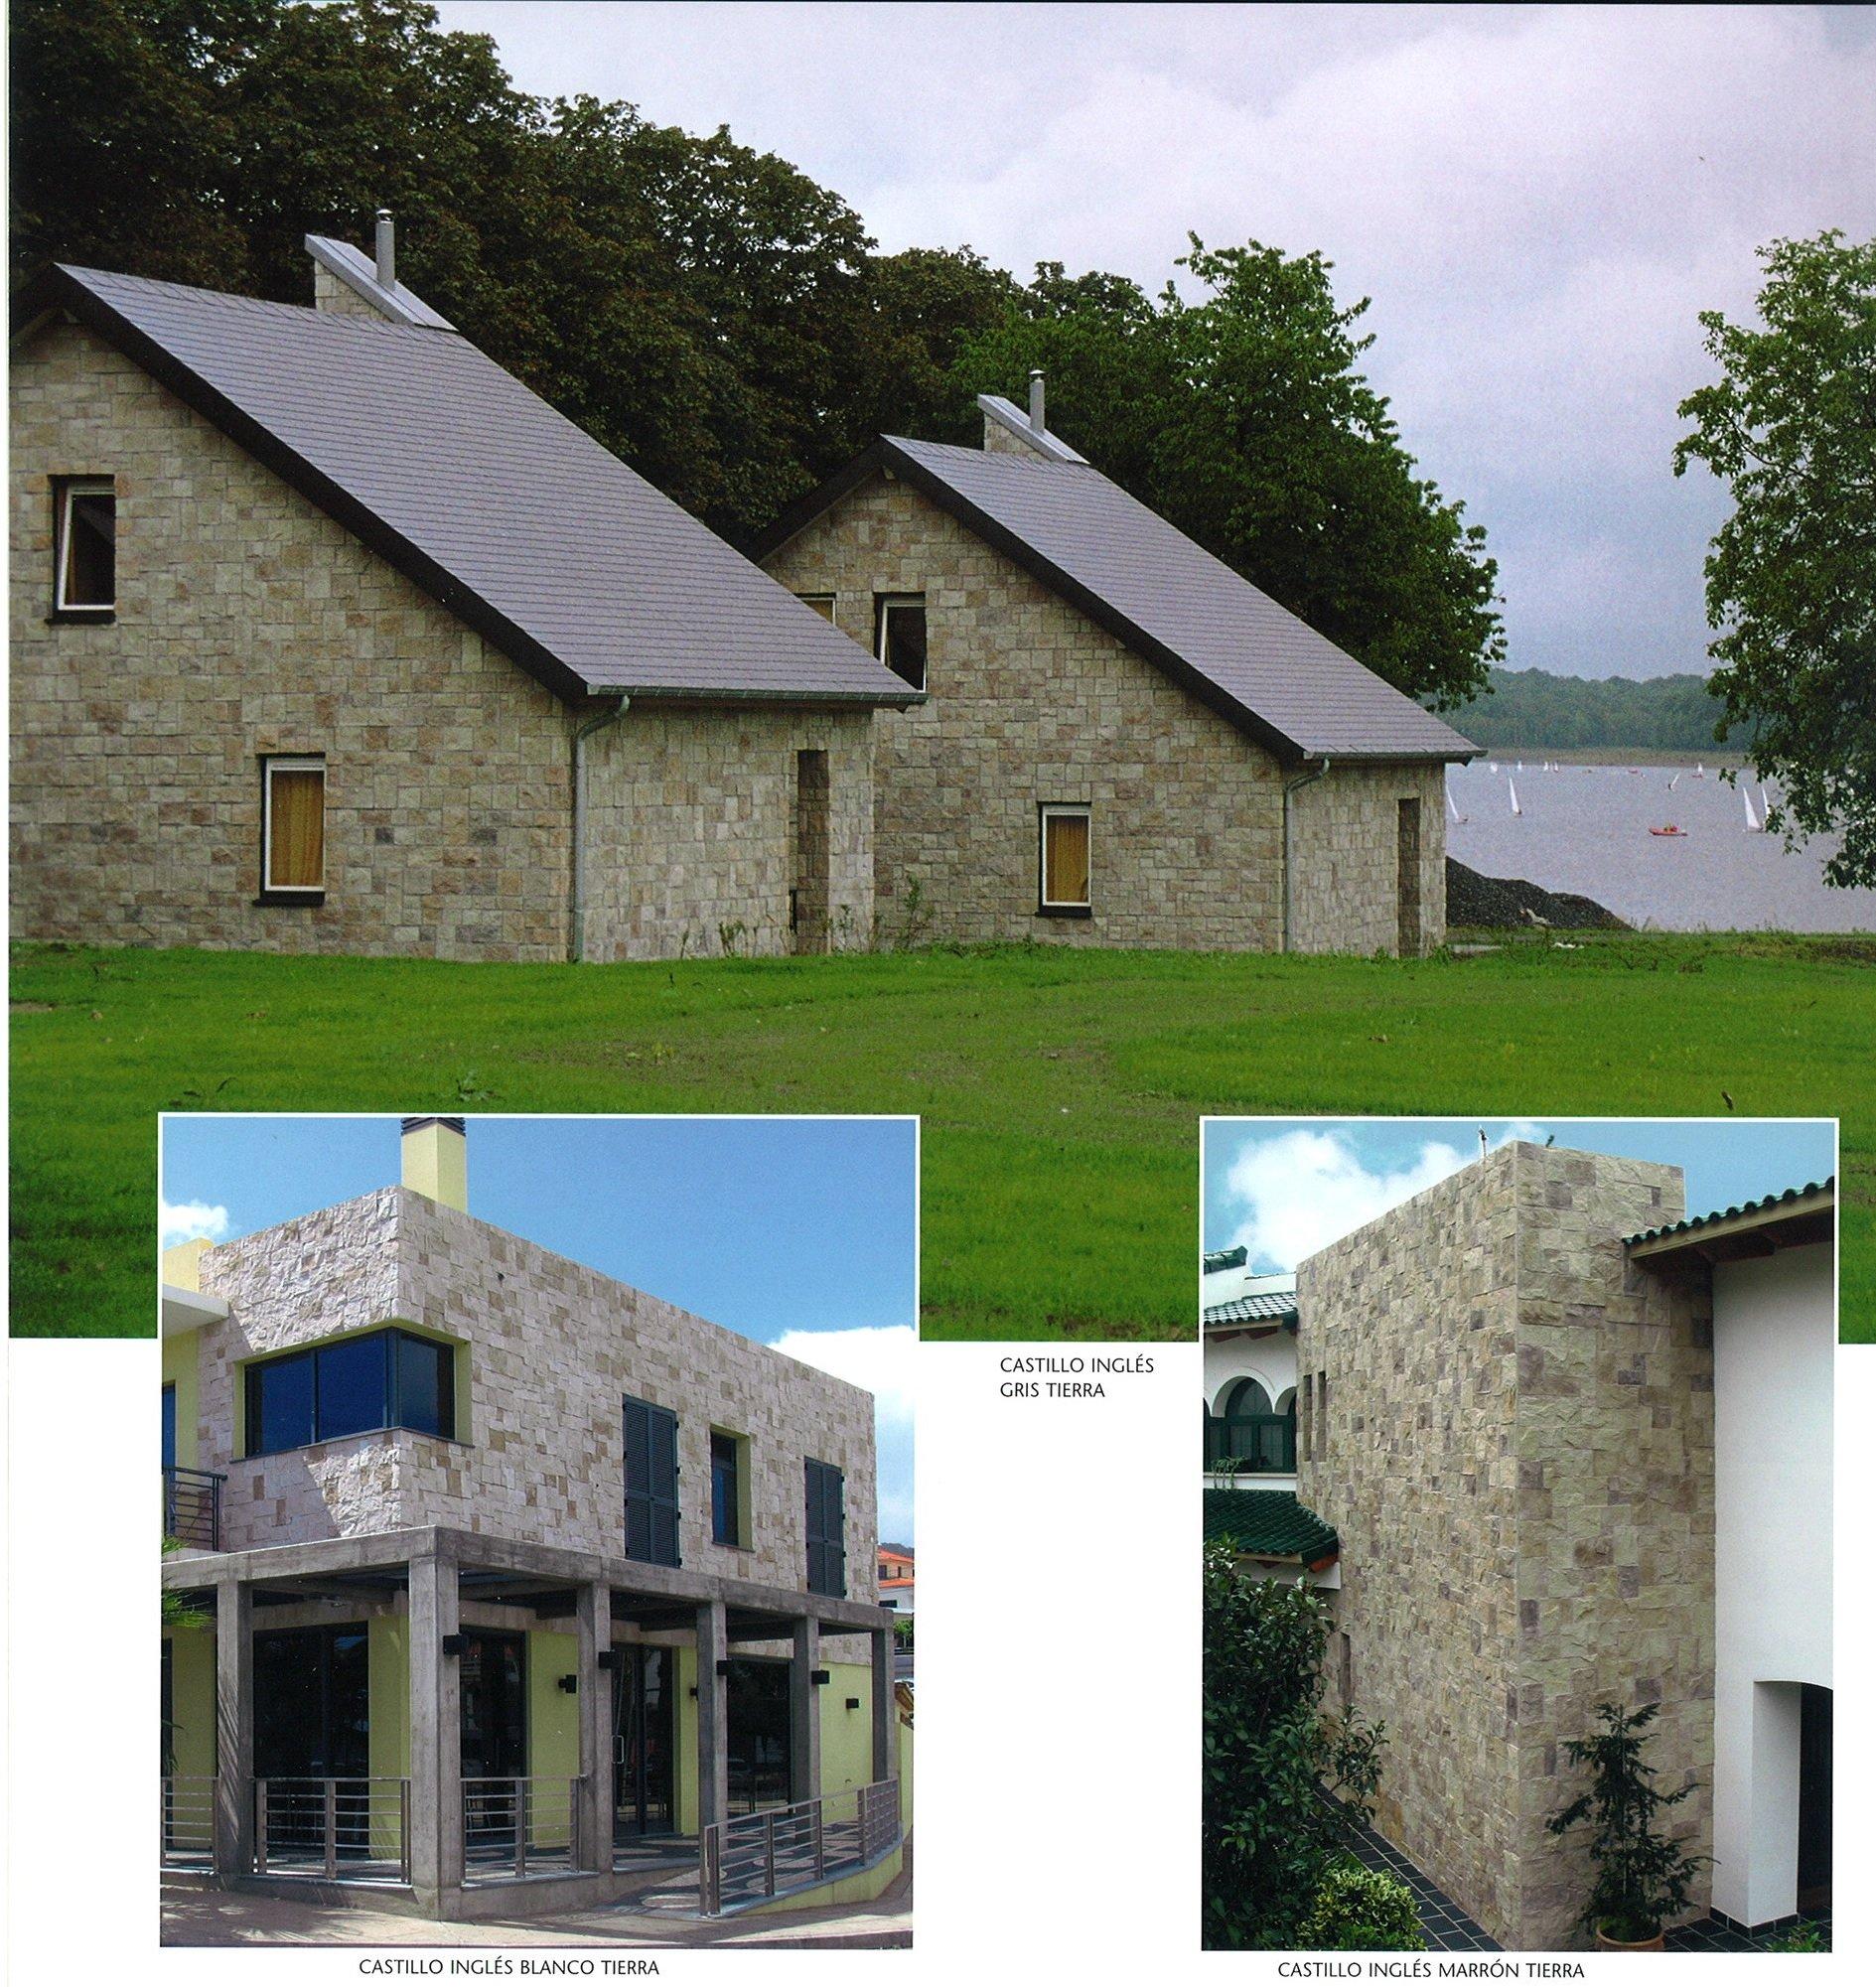 piedra cultivada castillo iberico gris tierra 2